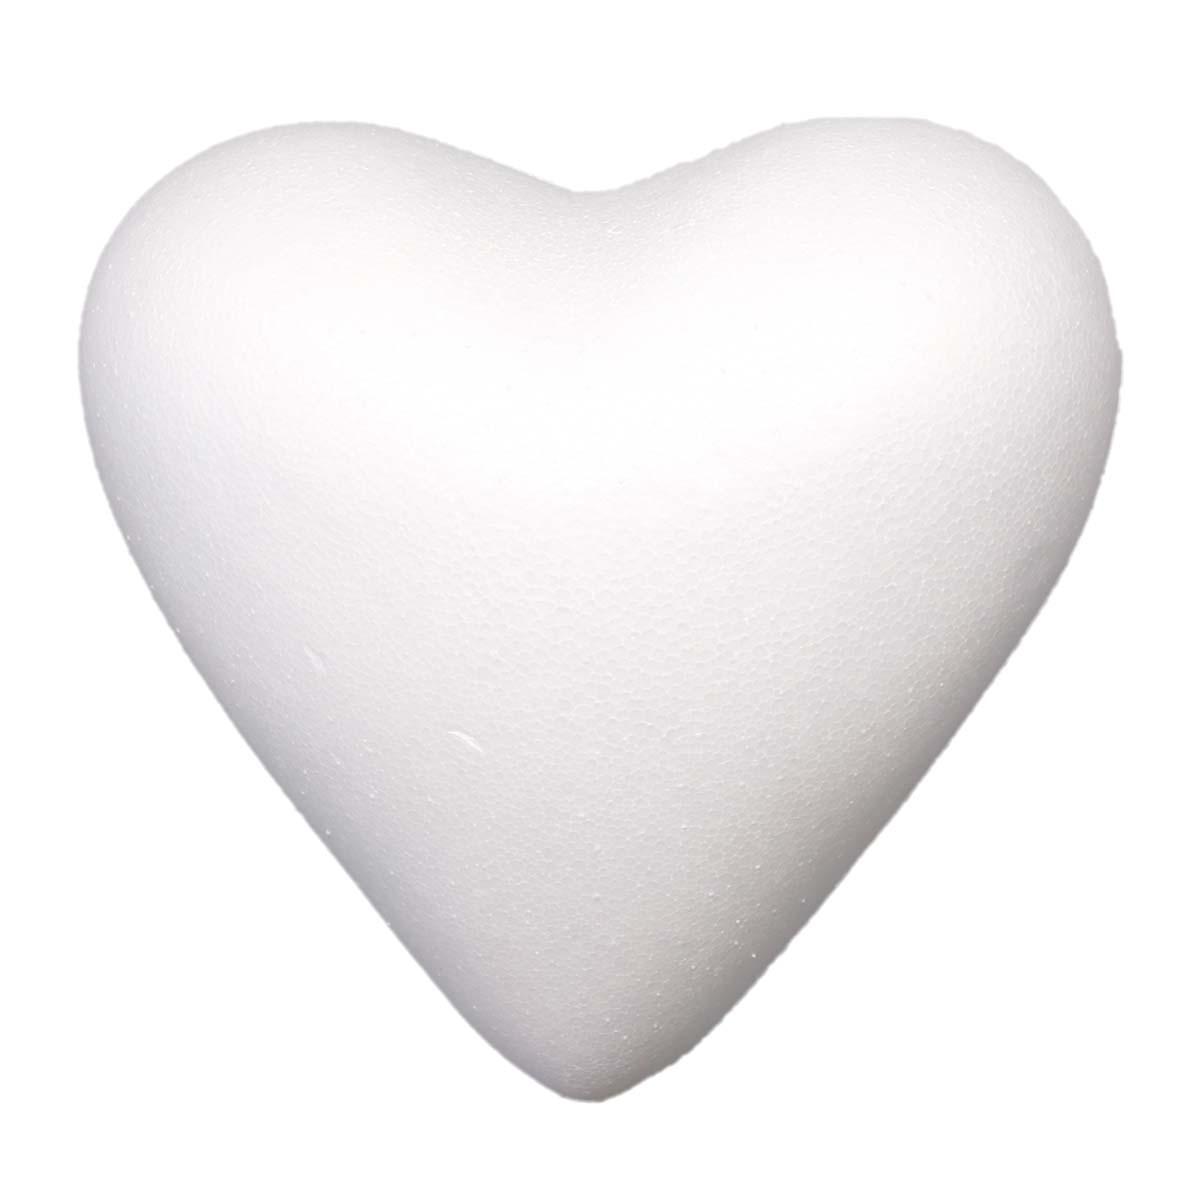 Заготовка для декорирования из пенопласта 'Сердце полное', 15см, 1 шт/упак, Астра